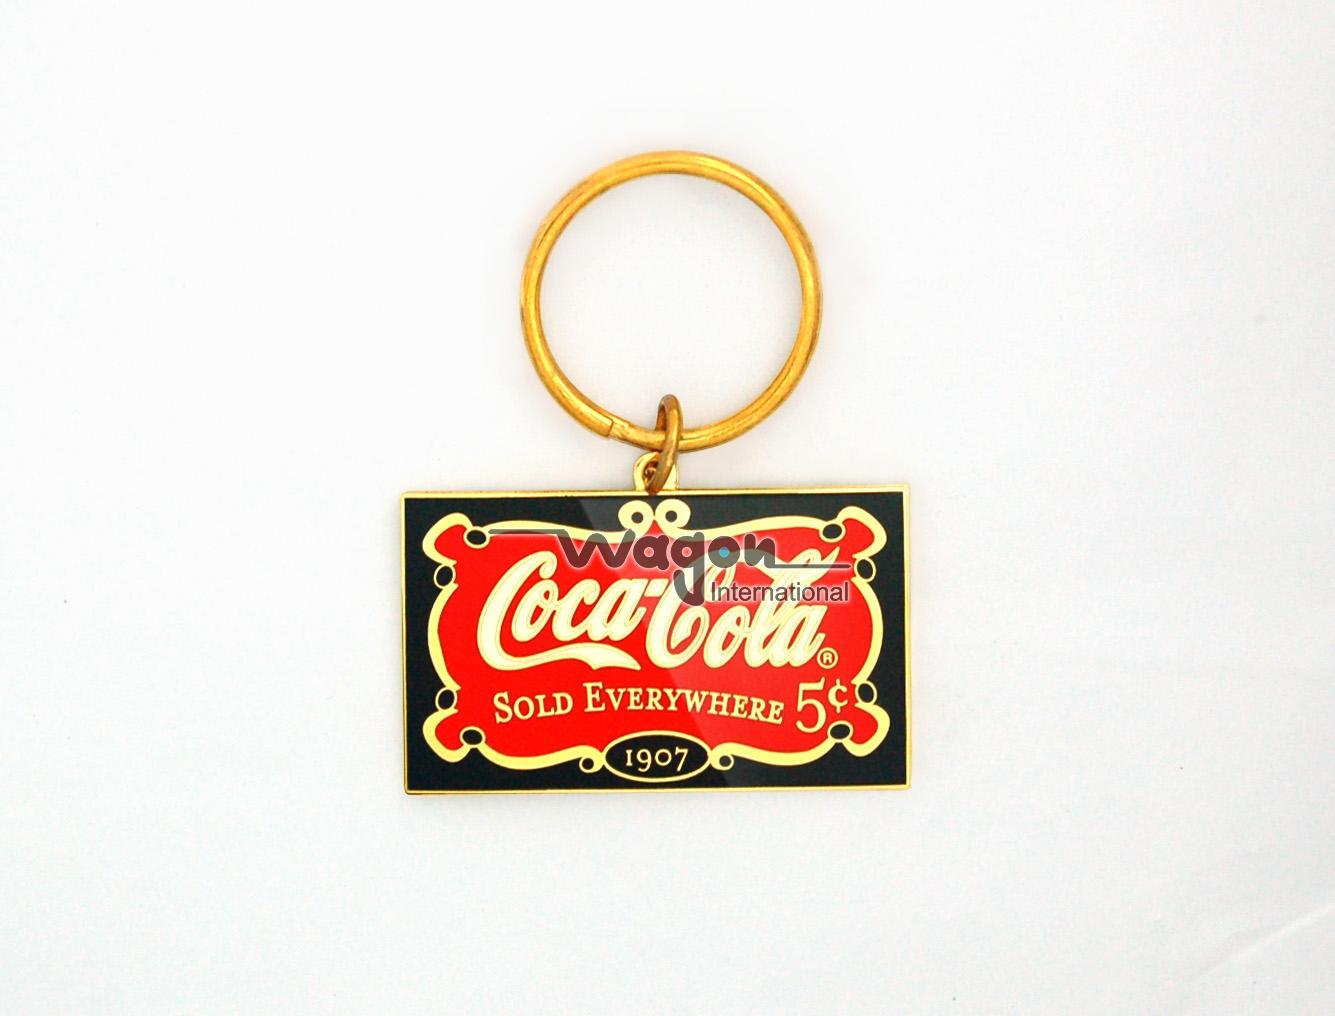 可口可乐钥匙扣.jpg